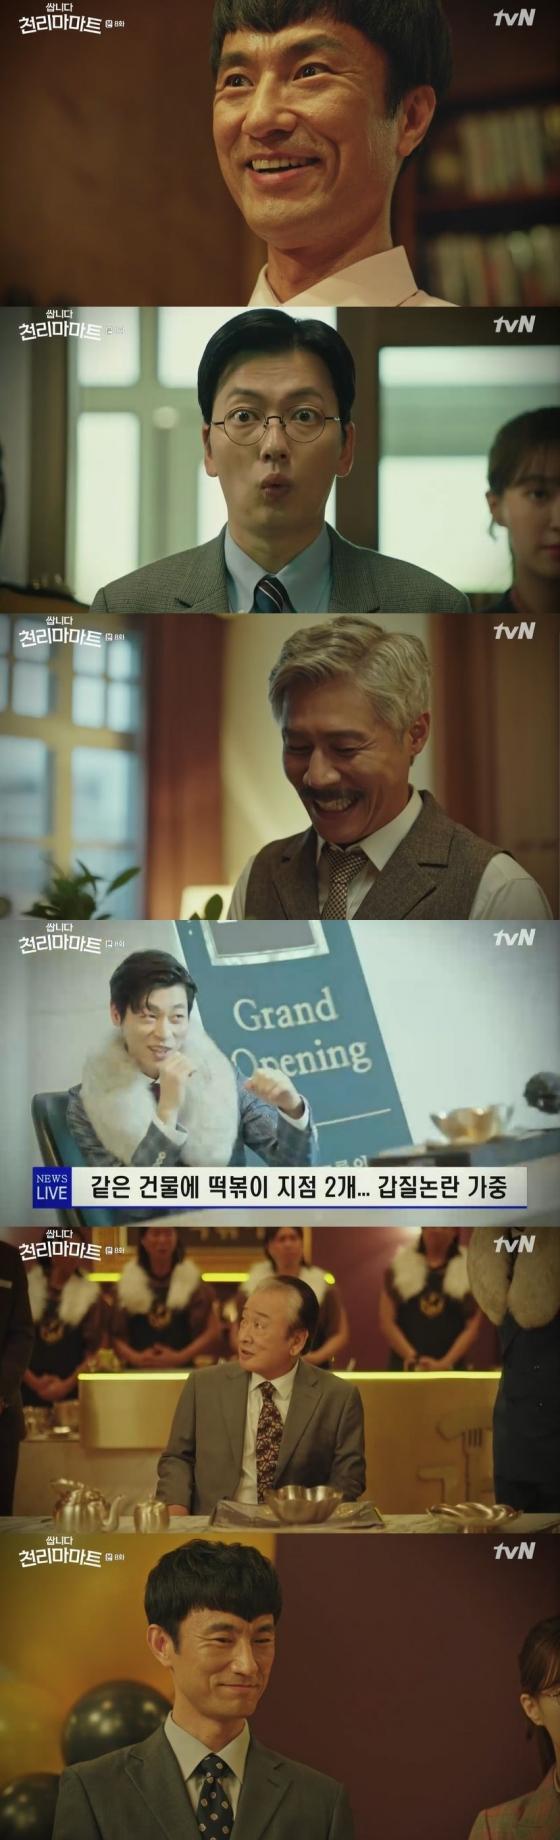 /사진=tvN 금요드라마 '쌉니다 천리마마트' 캡처